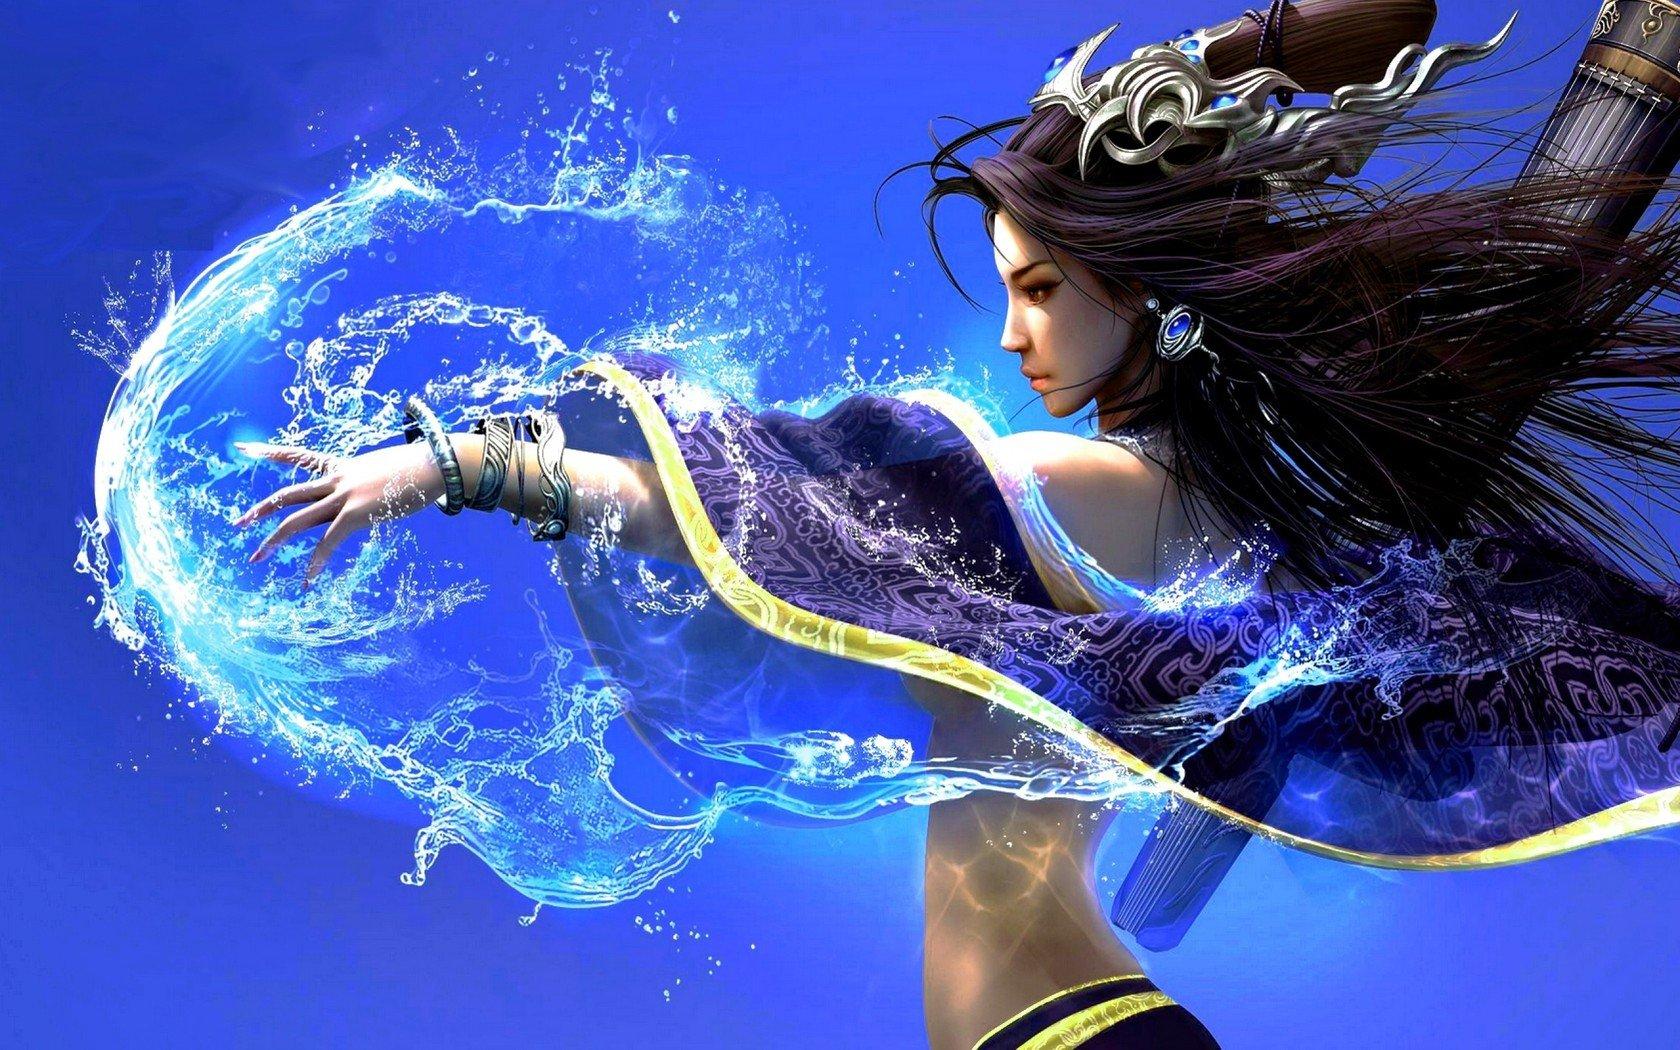 Water Goddess Computer Wallpapers Desktop Backgrounds 1680x1050 1680x1050